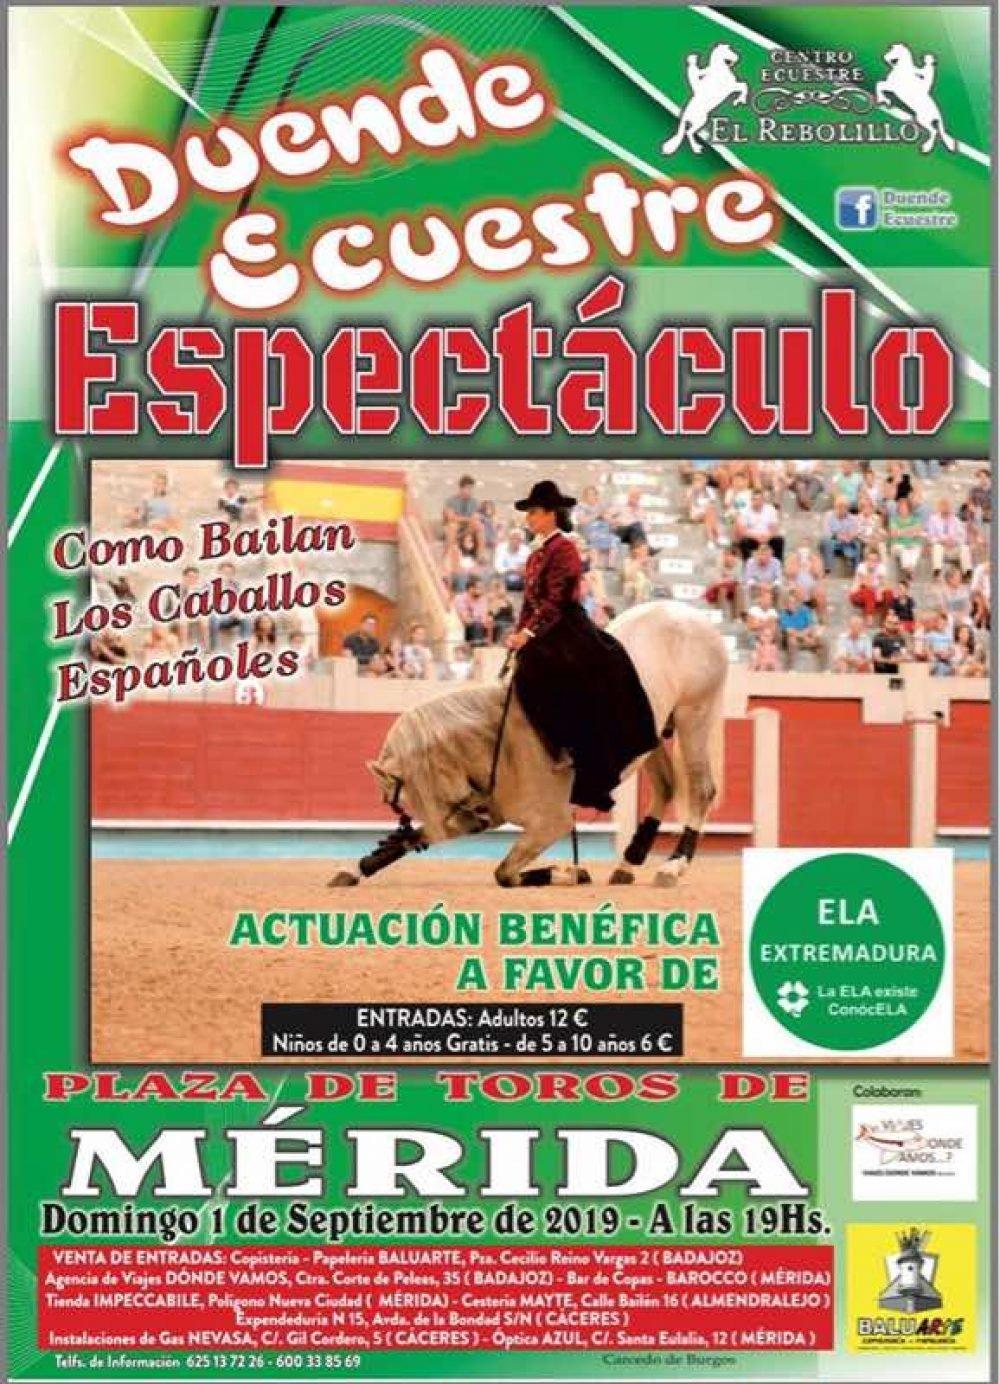 Duende ecuestre.¡Como Bailan los Caballos Españoles!